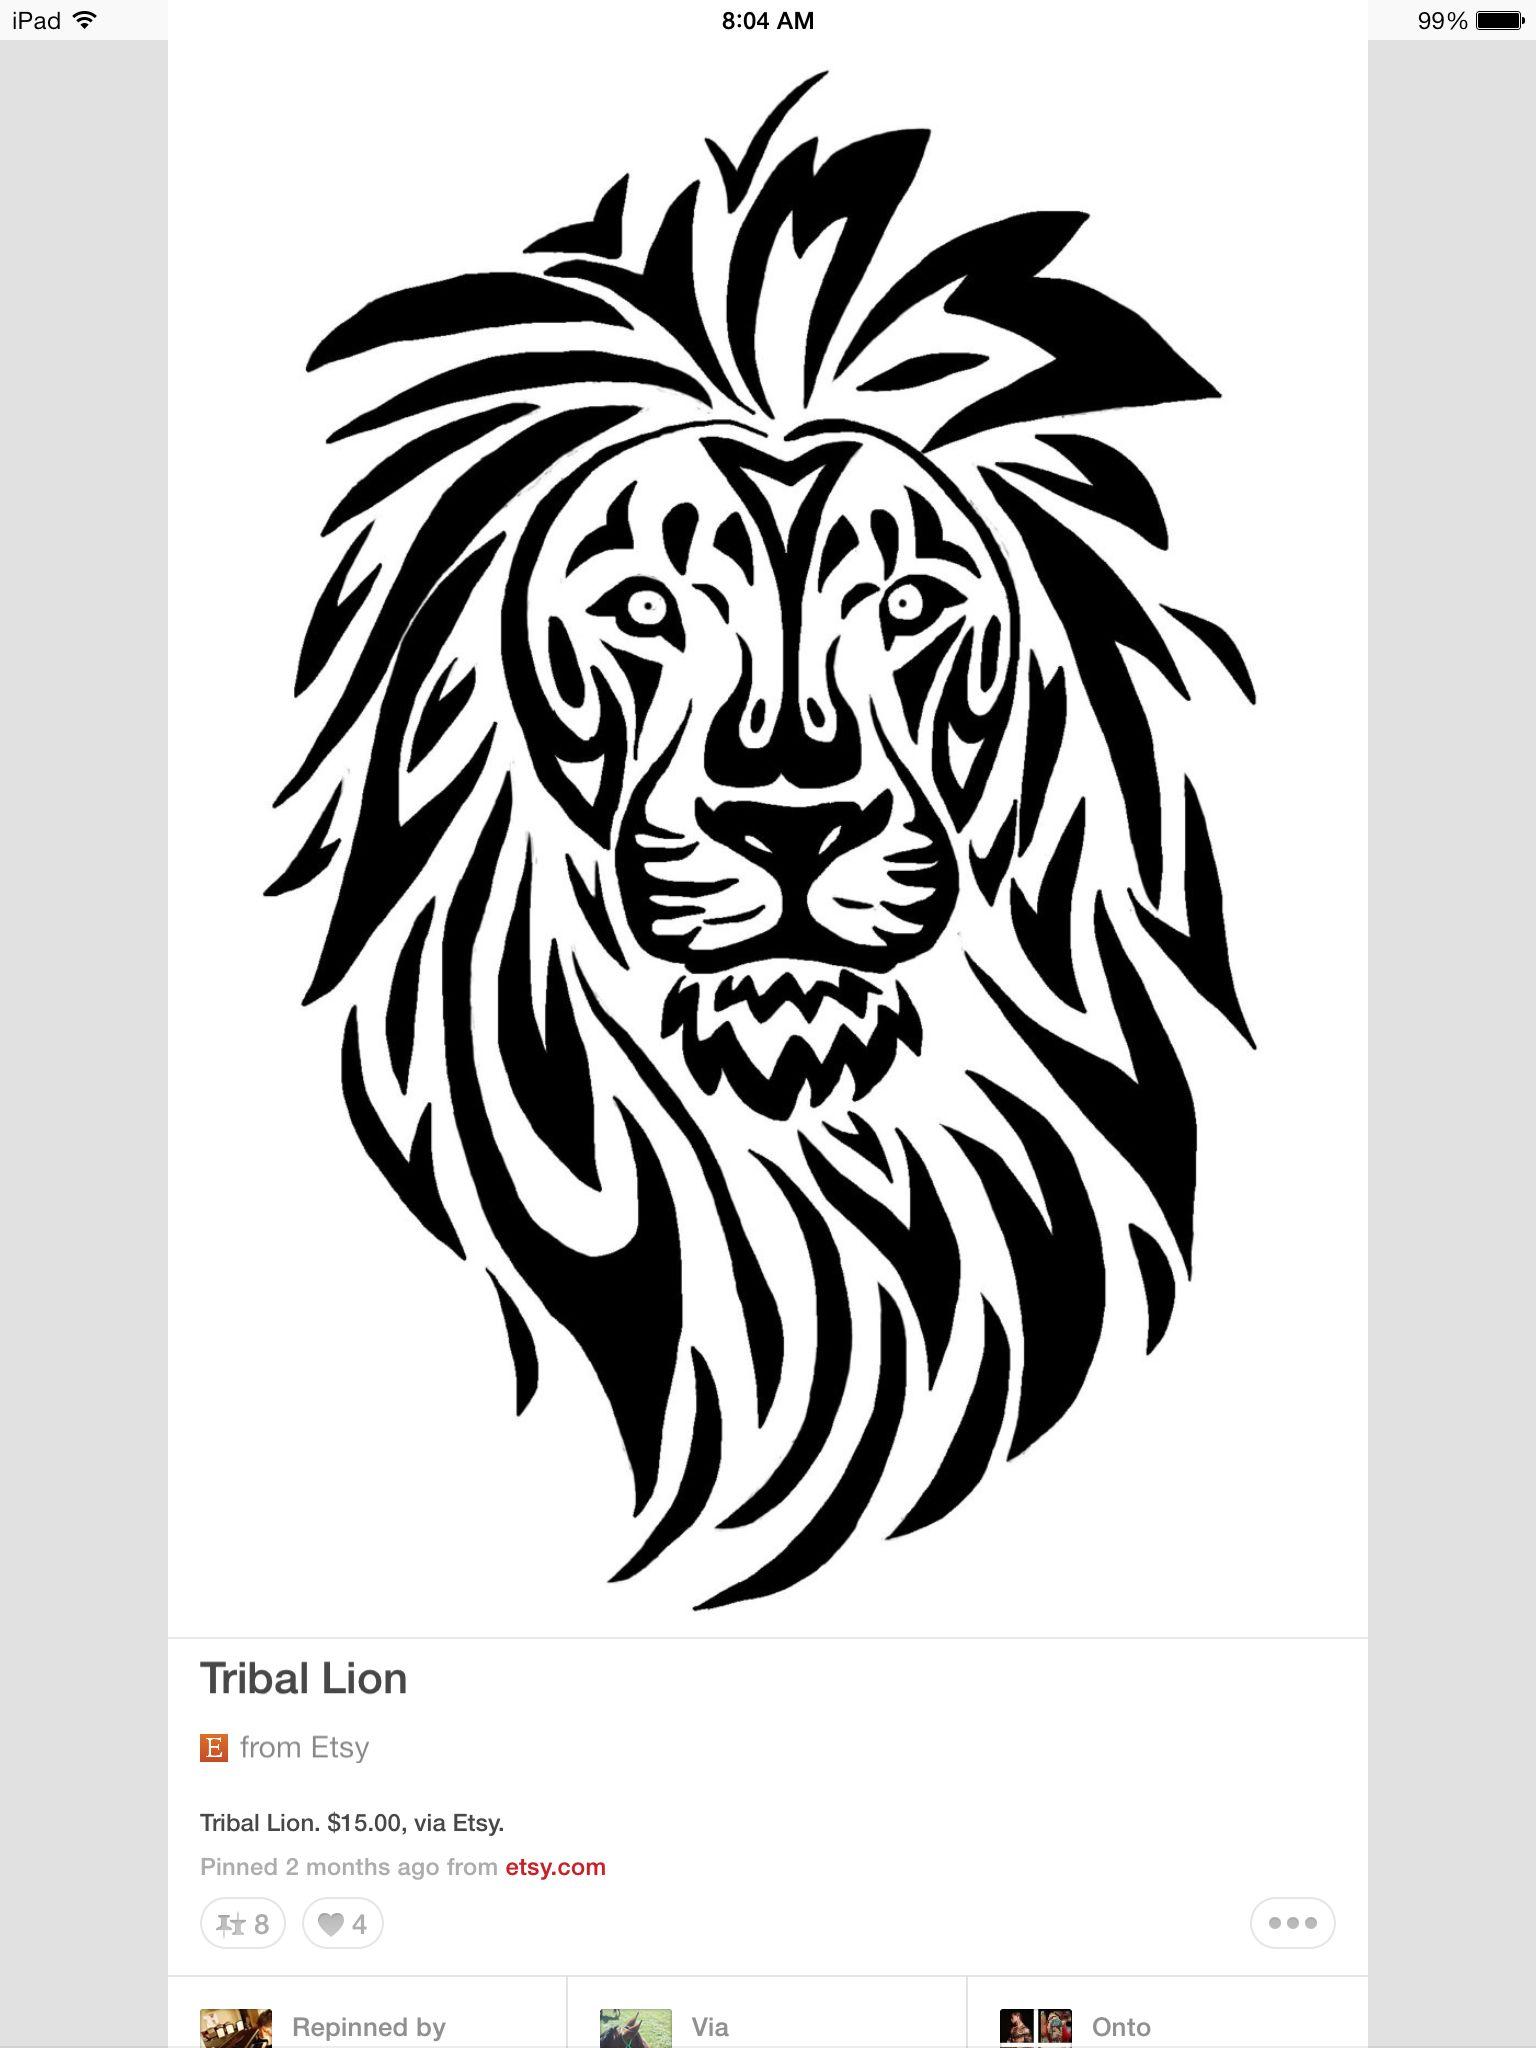 tribal lion papiers dessin tatouage tribal lion. Black Bedroom Furniture Sets. Home Design Ideas